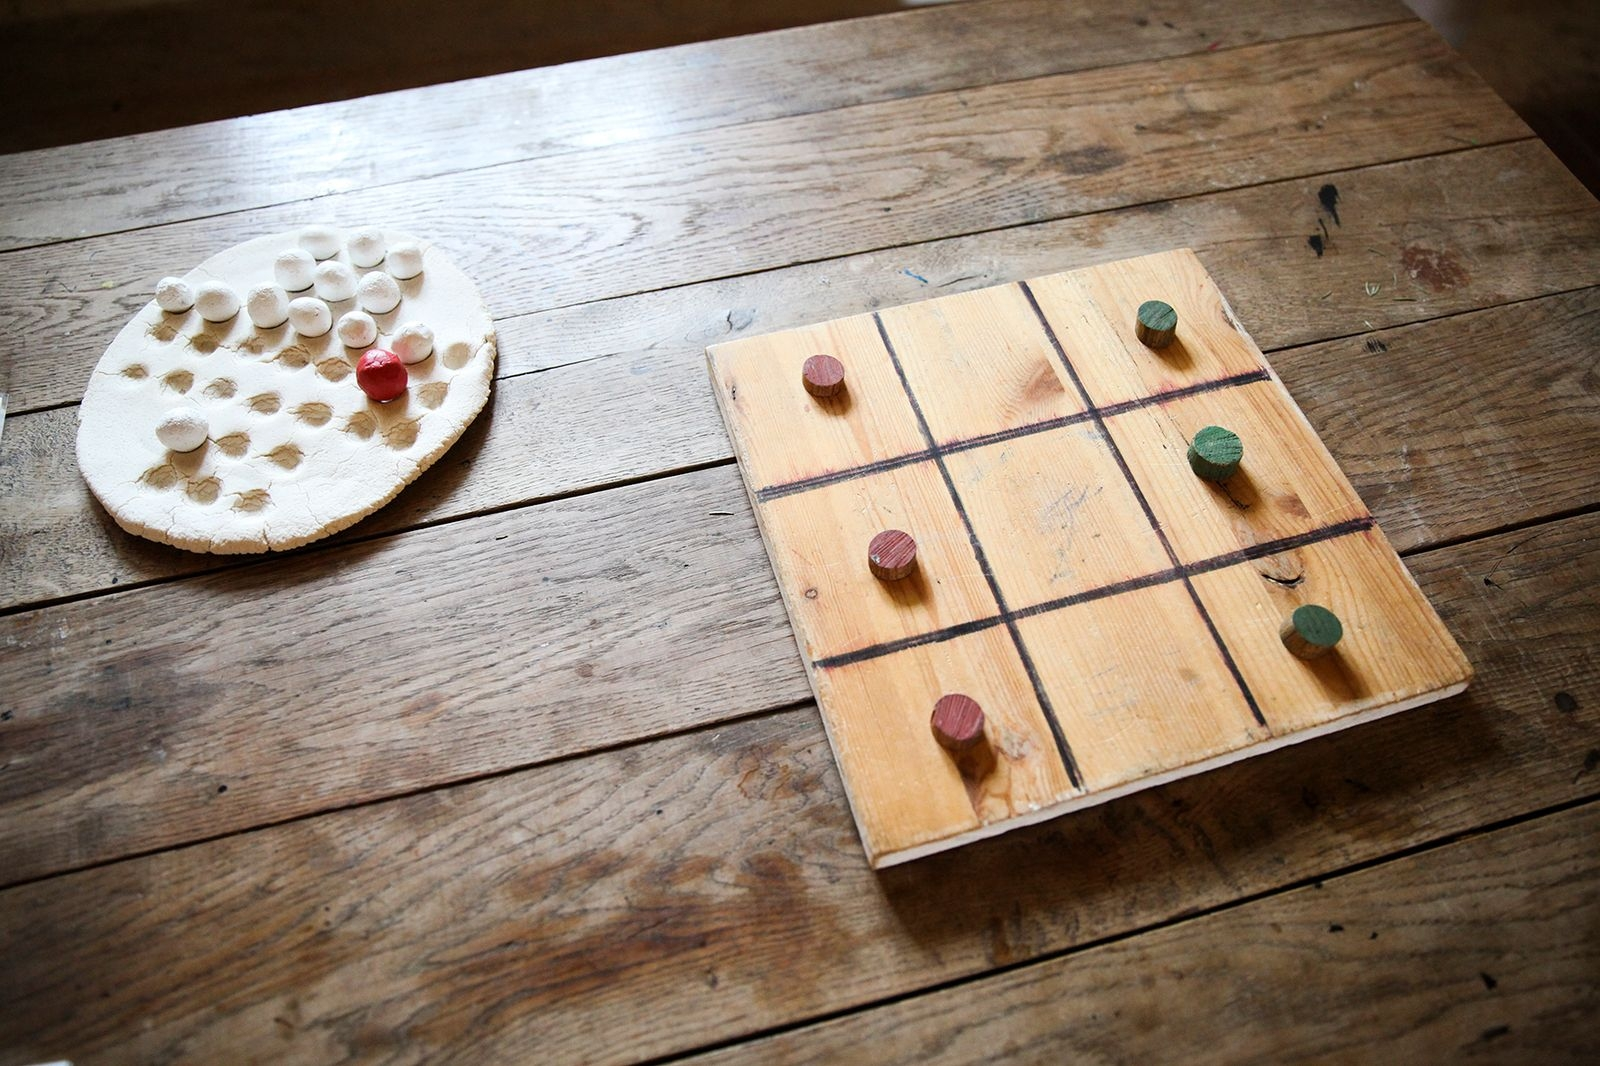 Tre i rad, eller luffarschack har förmodligen sitt urspung ur spelet Go som spelades i Kina 1550-1050 f Kr.